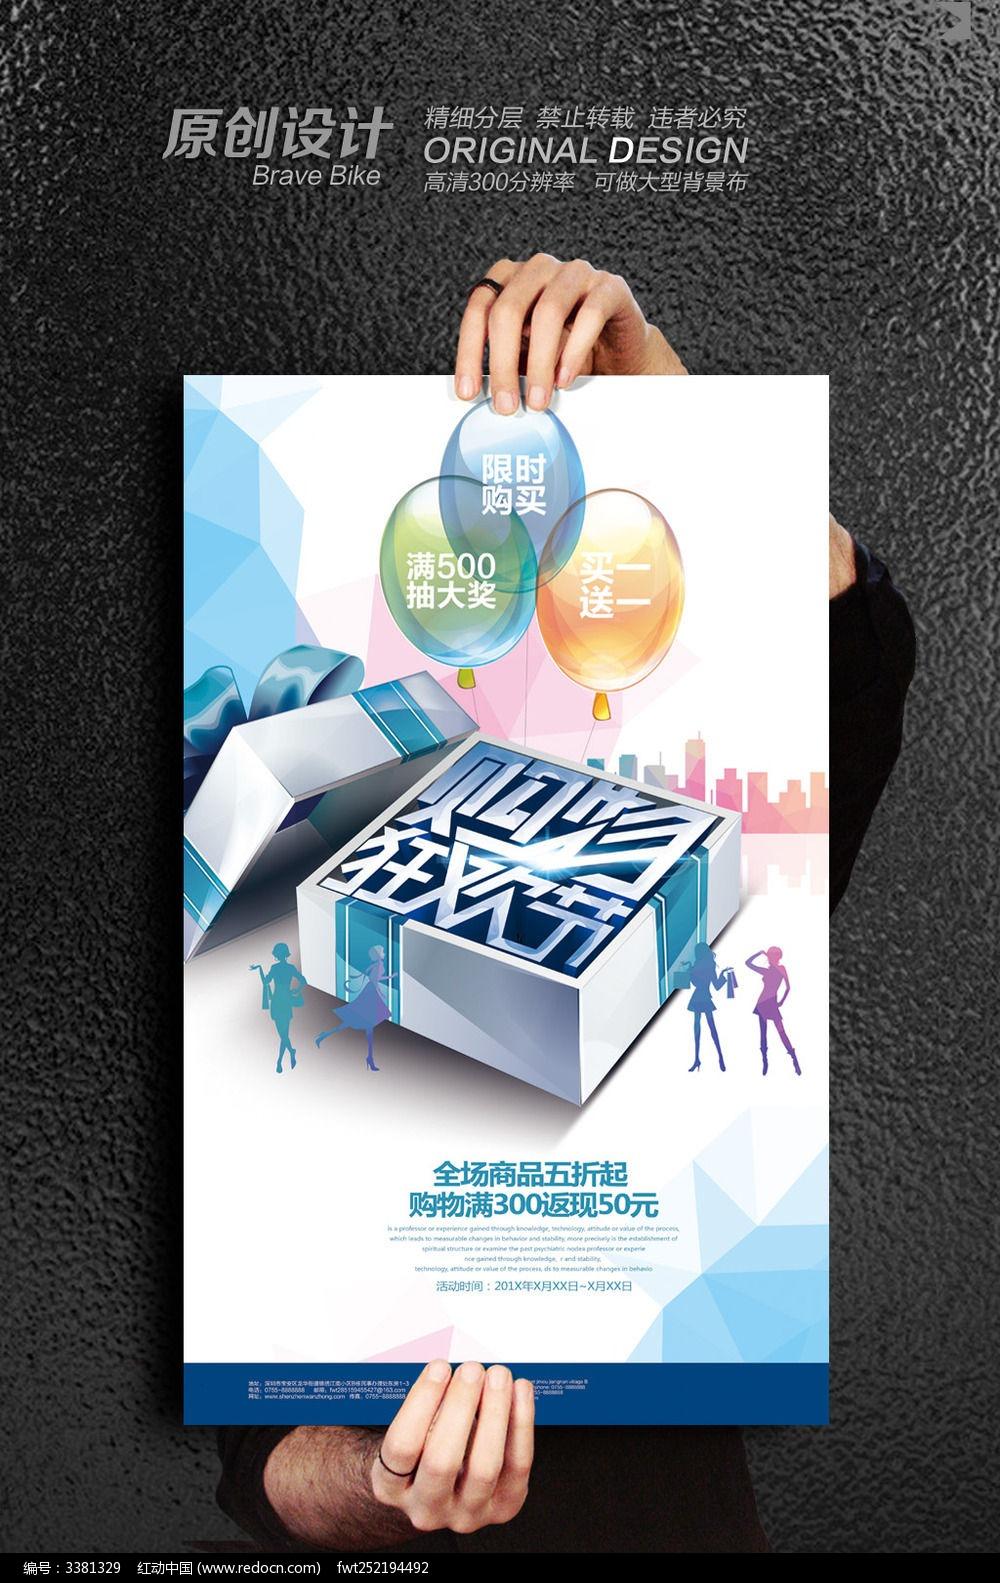 双11水彩风购物狂欢节促销海报